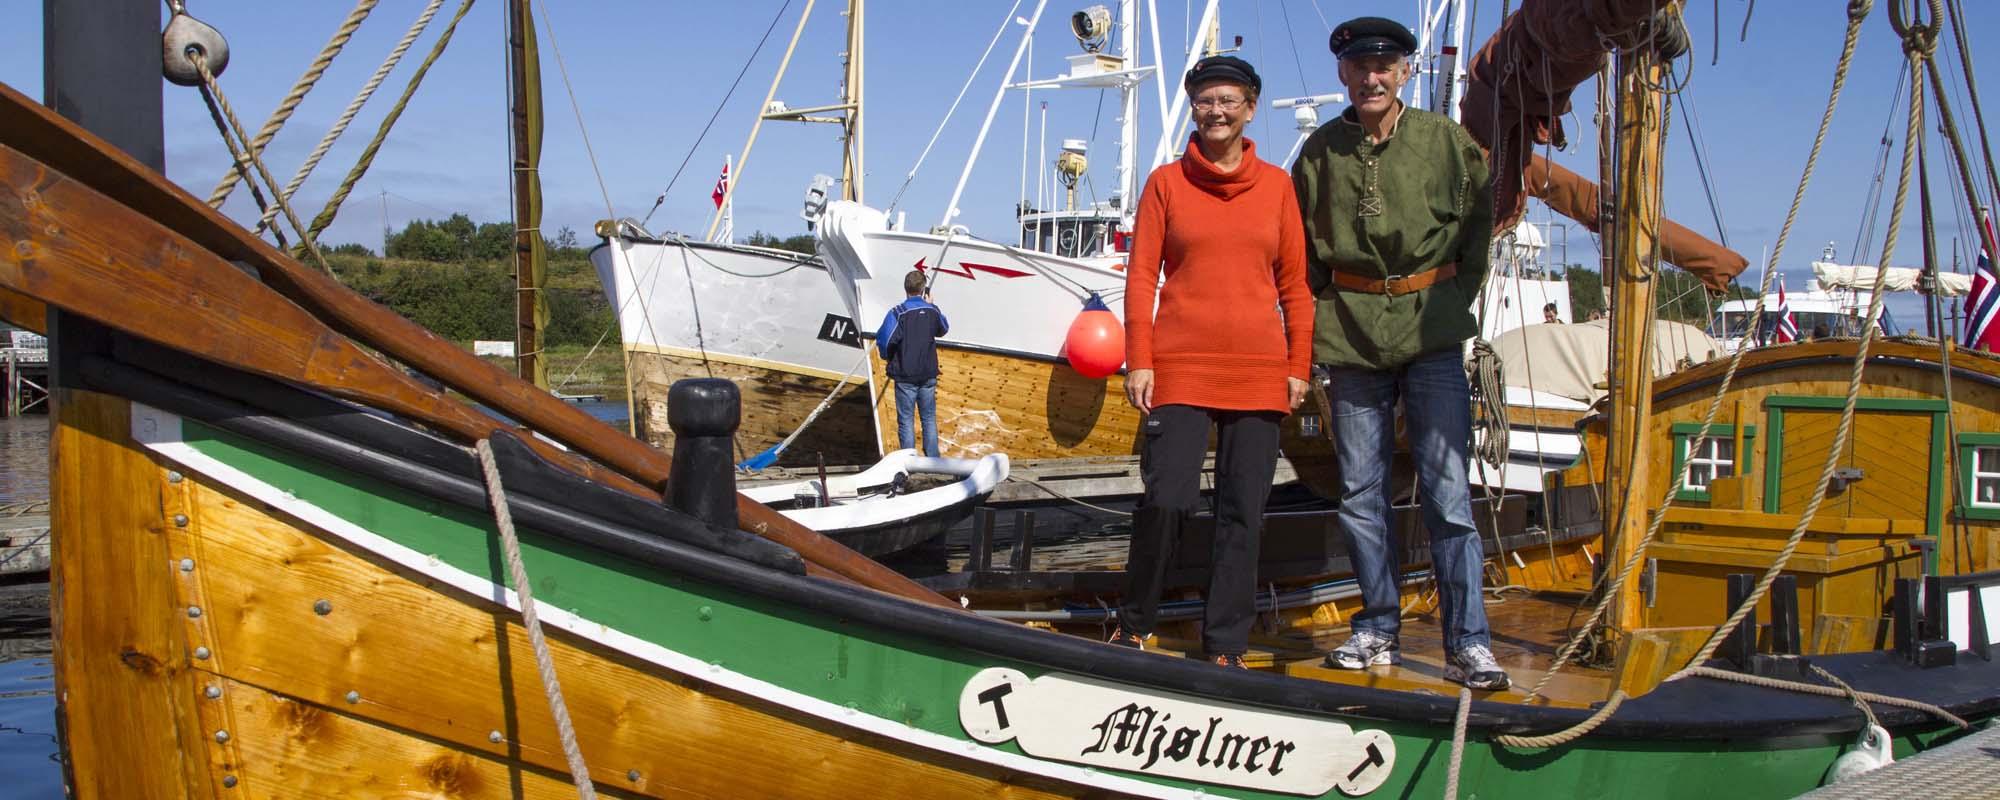 Kystkulturdagene i Lysøysund 2012